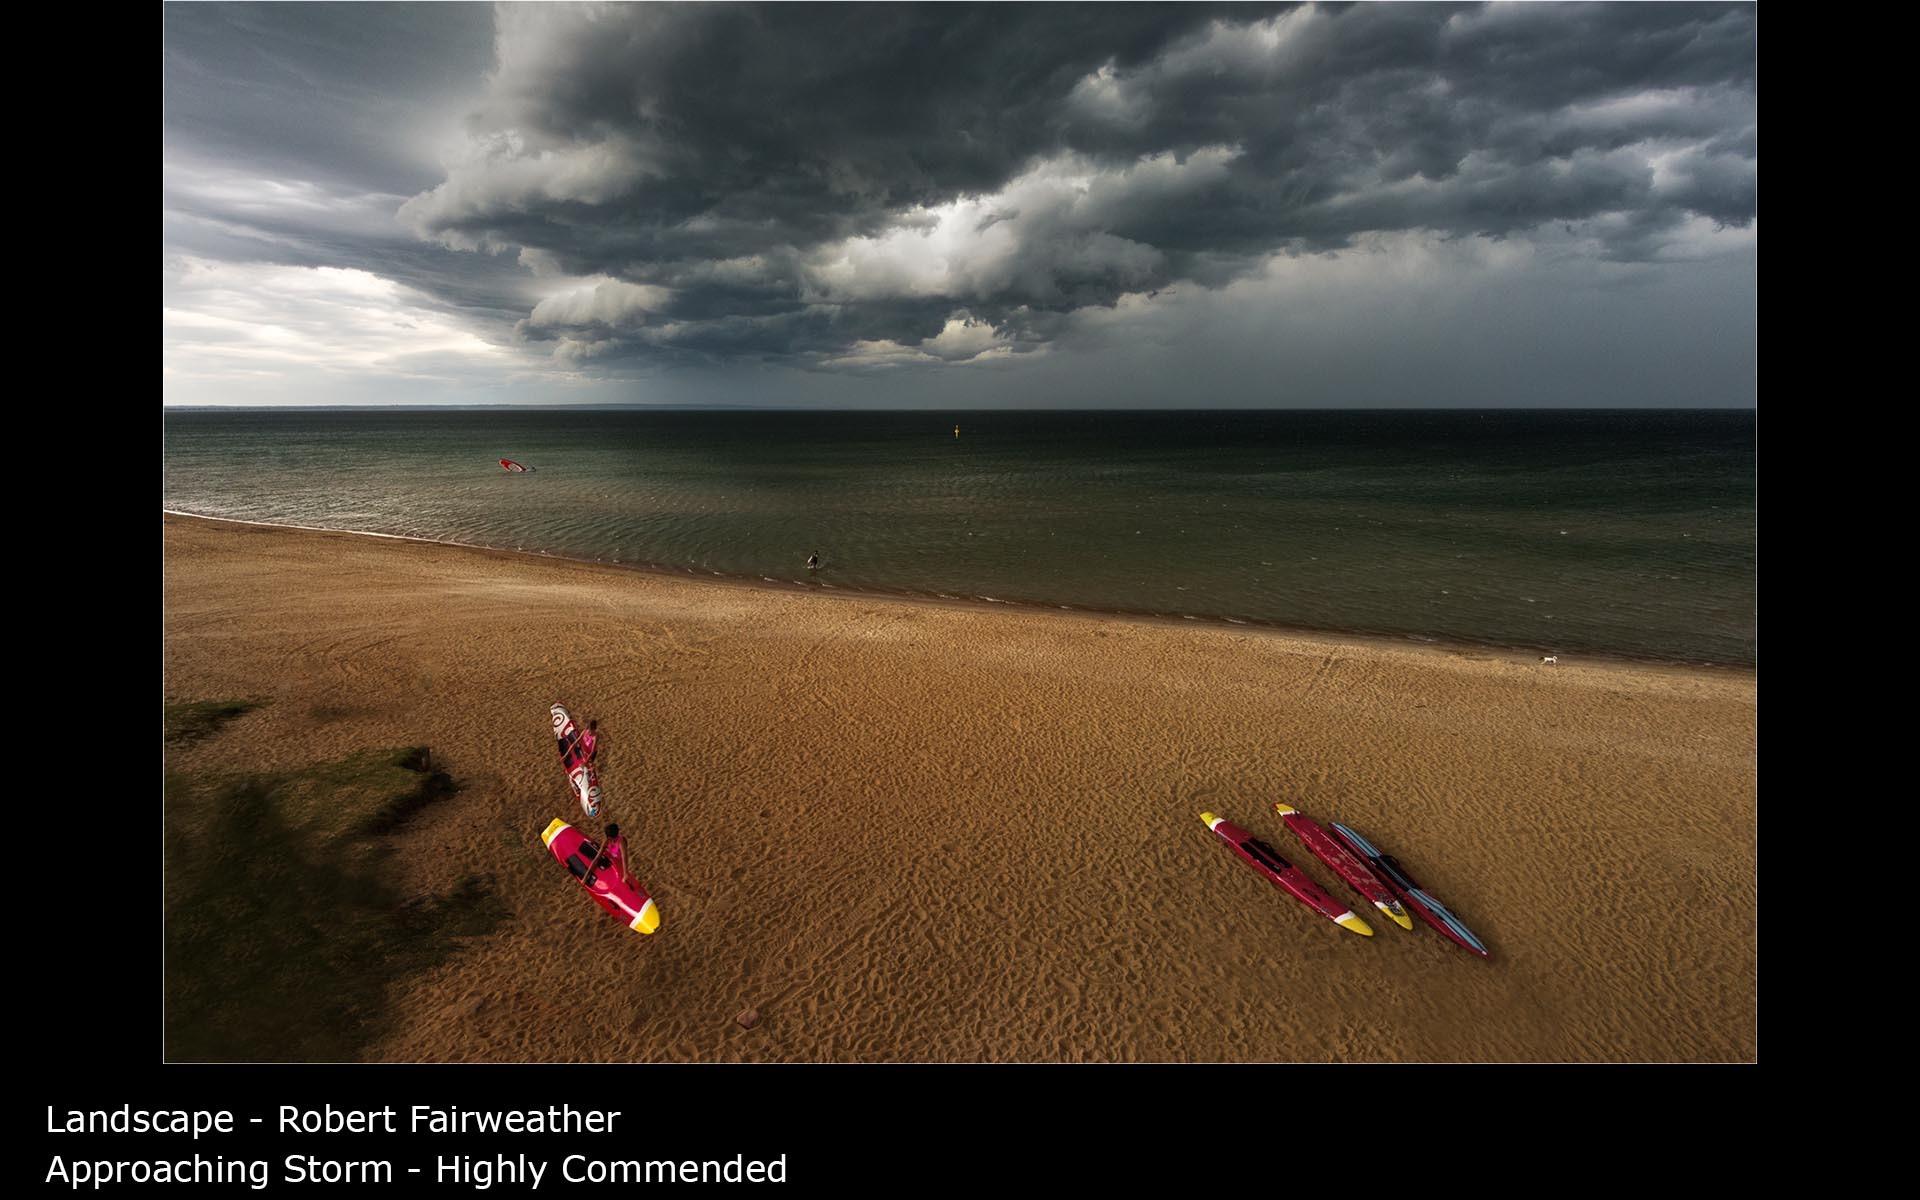 Approaching Storm - Robert Fairweather